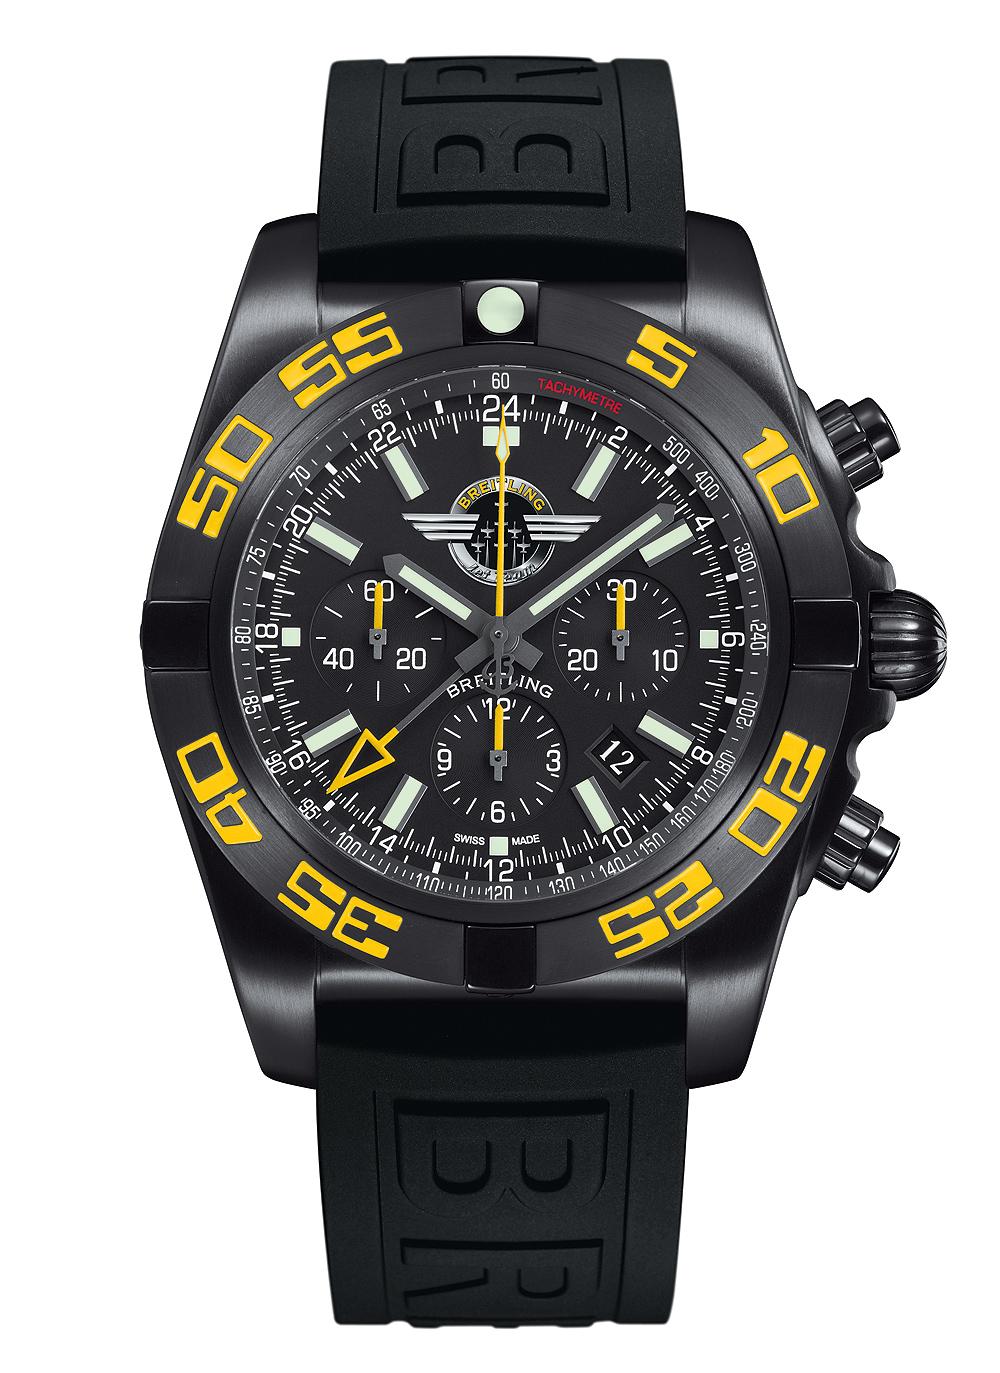 Breitling_Chronomat_GMT_JetTeam_front_1000